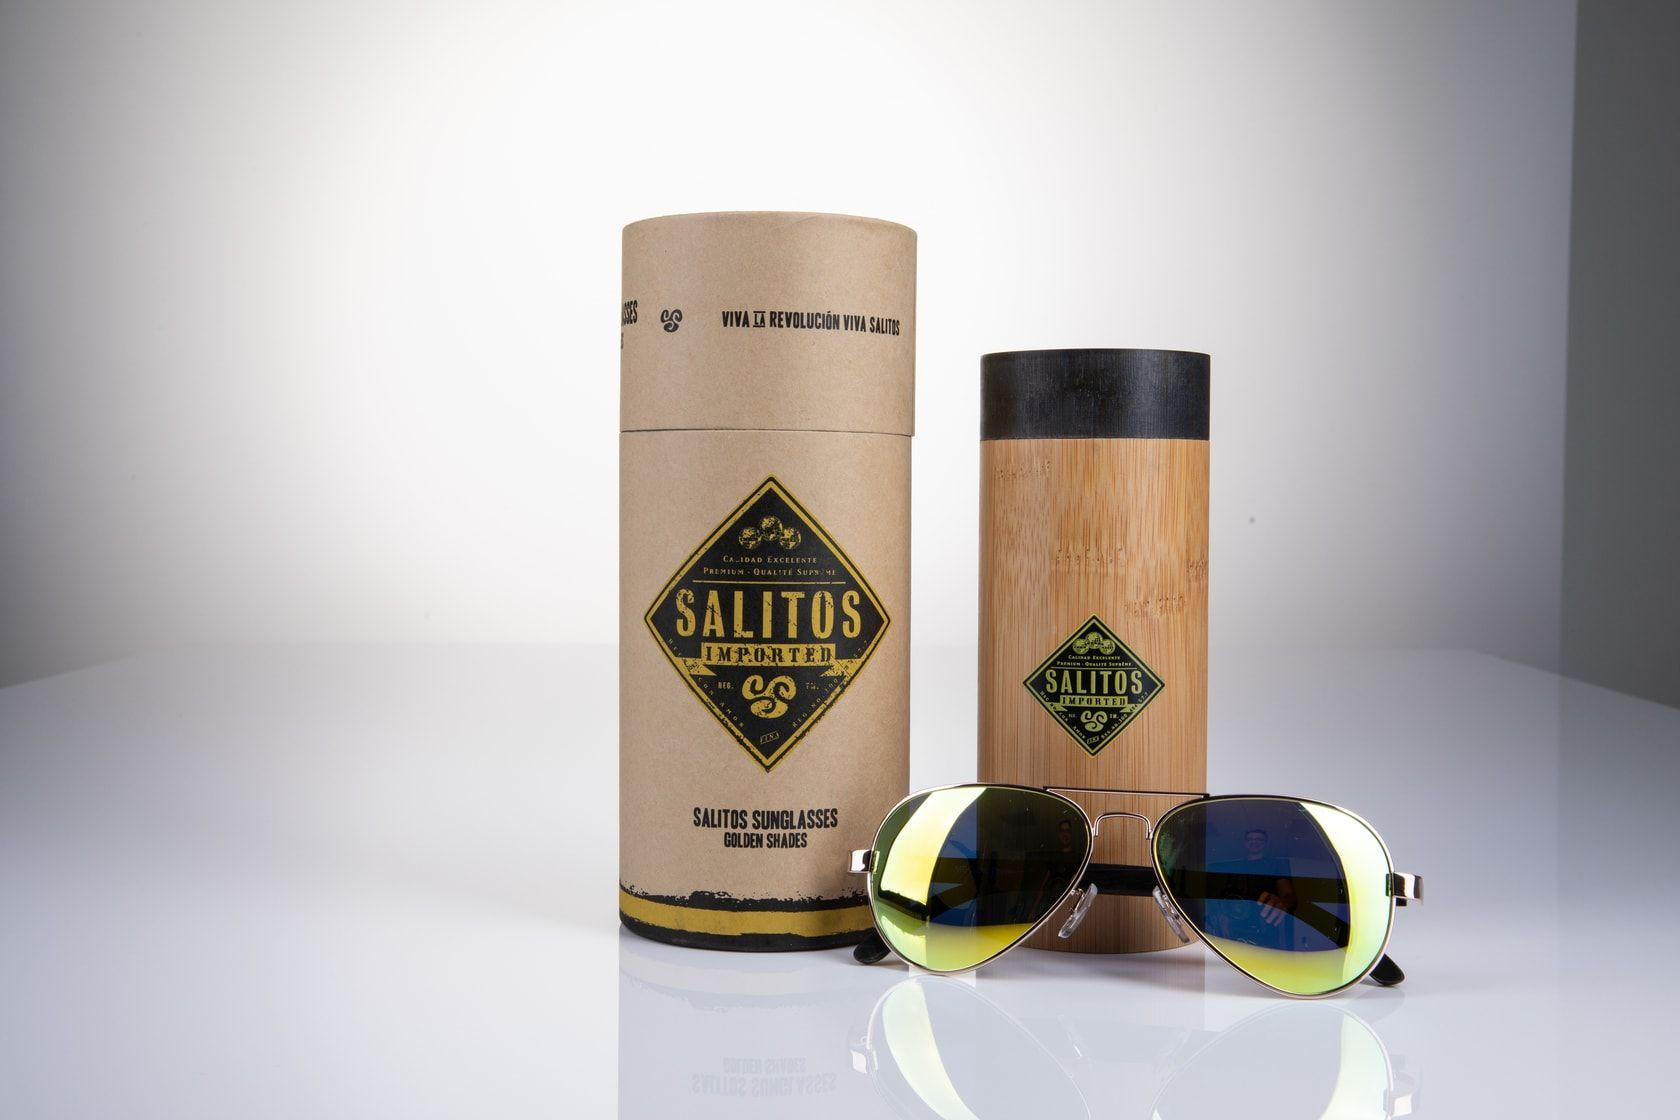 SALITOS Sonnenbrille golden shades